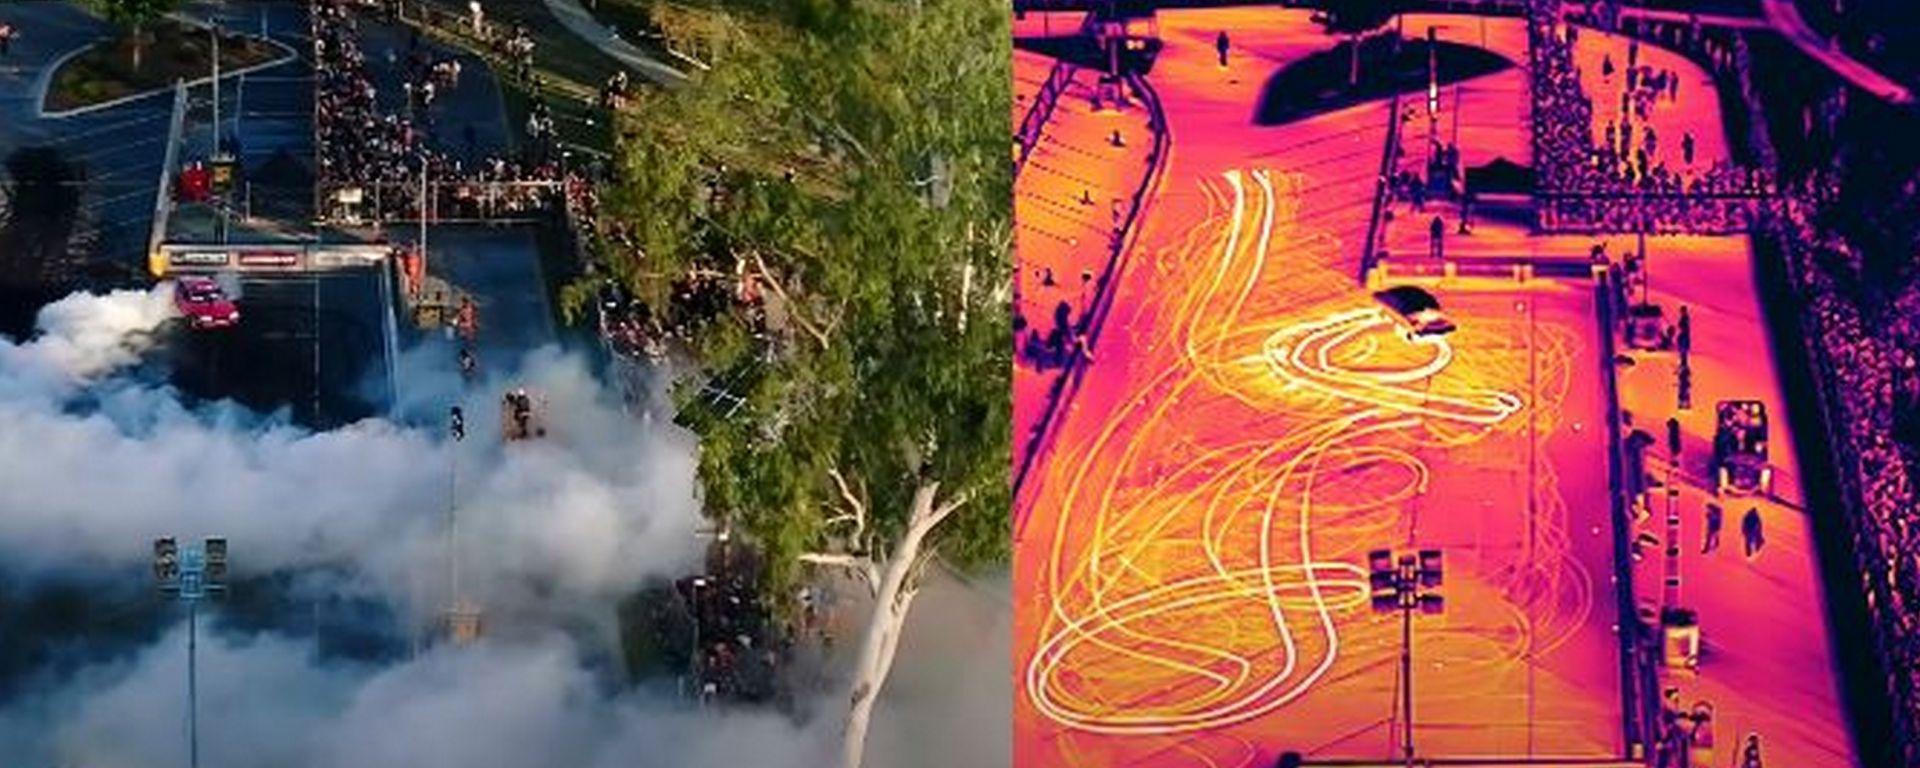 Queensland Aerial, come ti riprendo una esibizione di bornout con telecamera a infrarossi